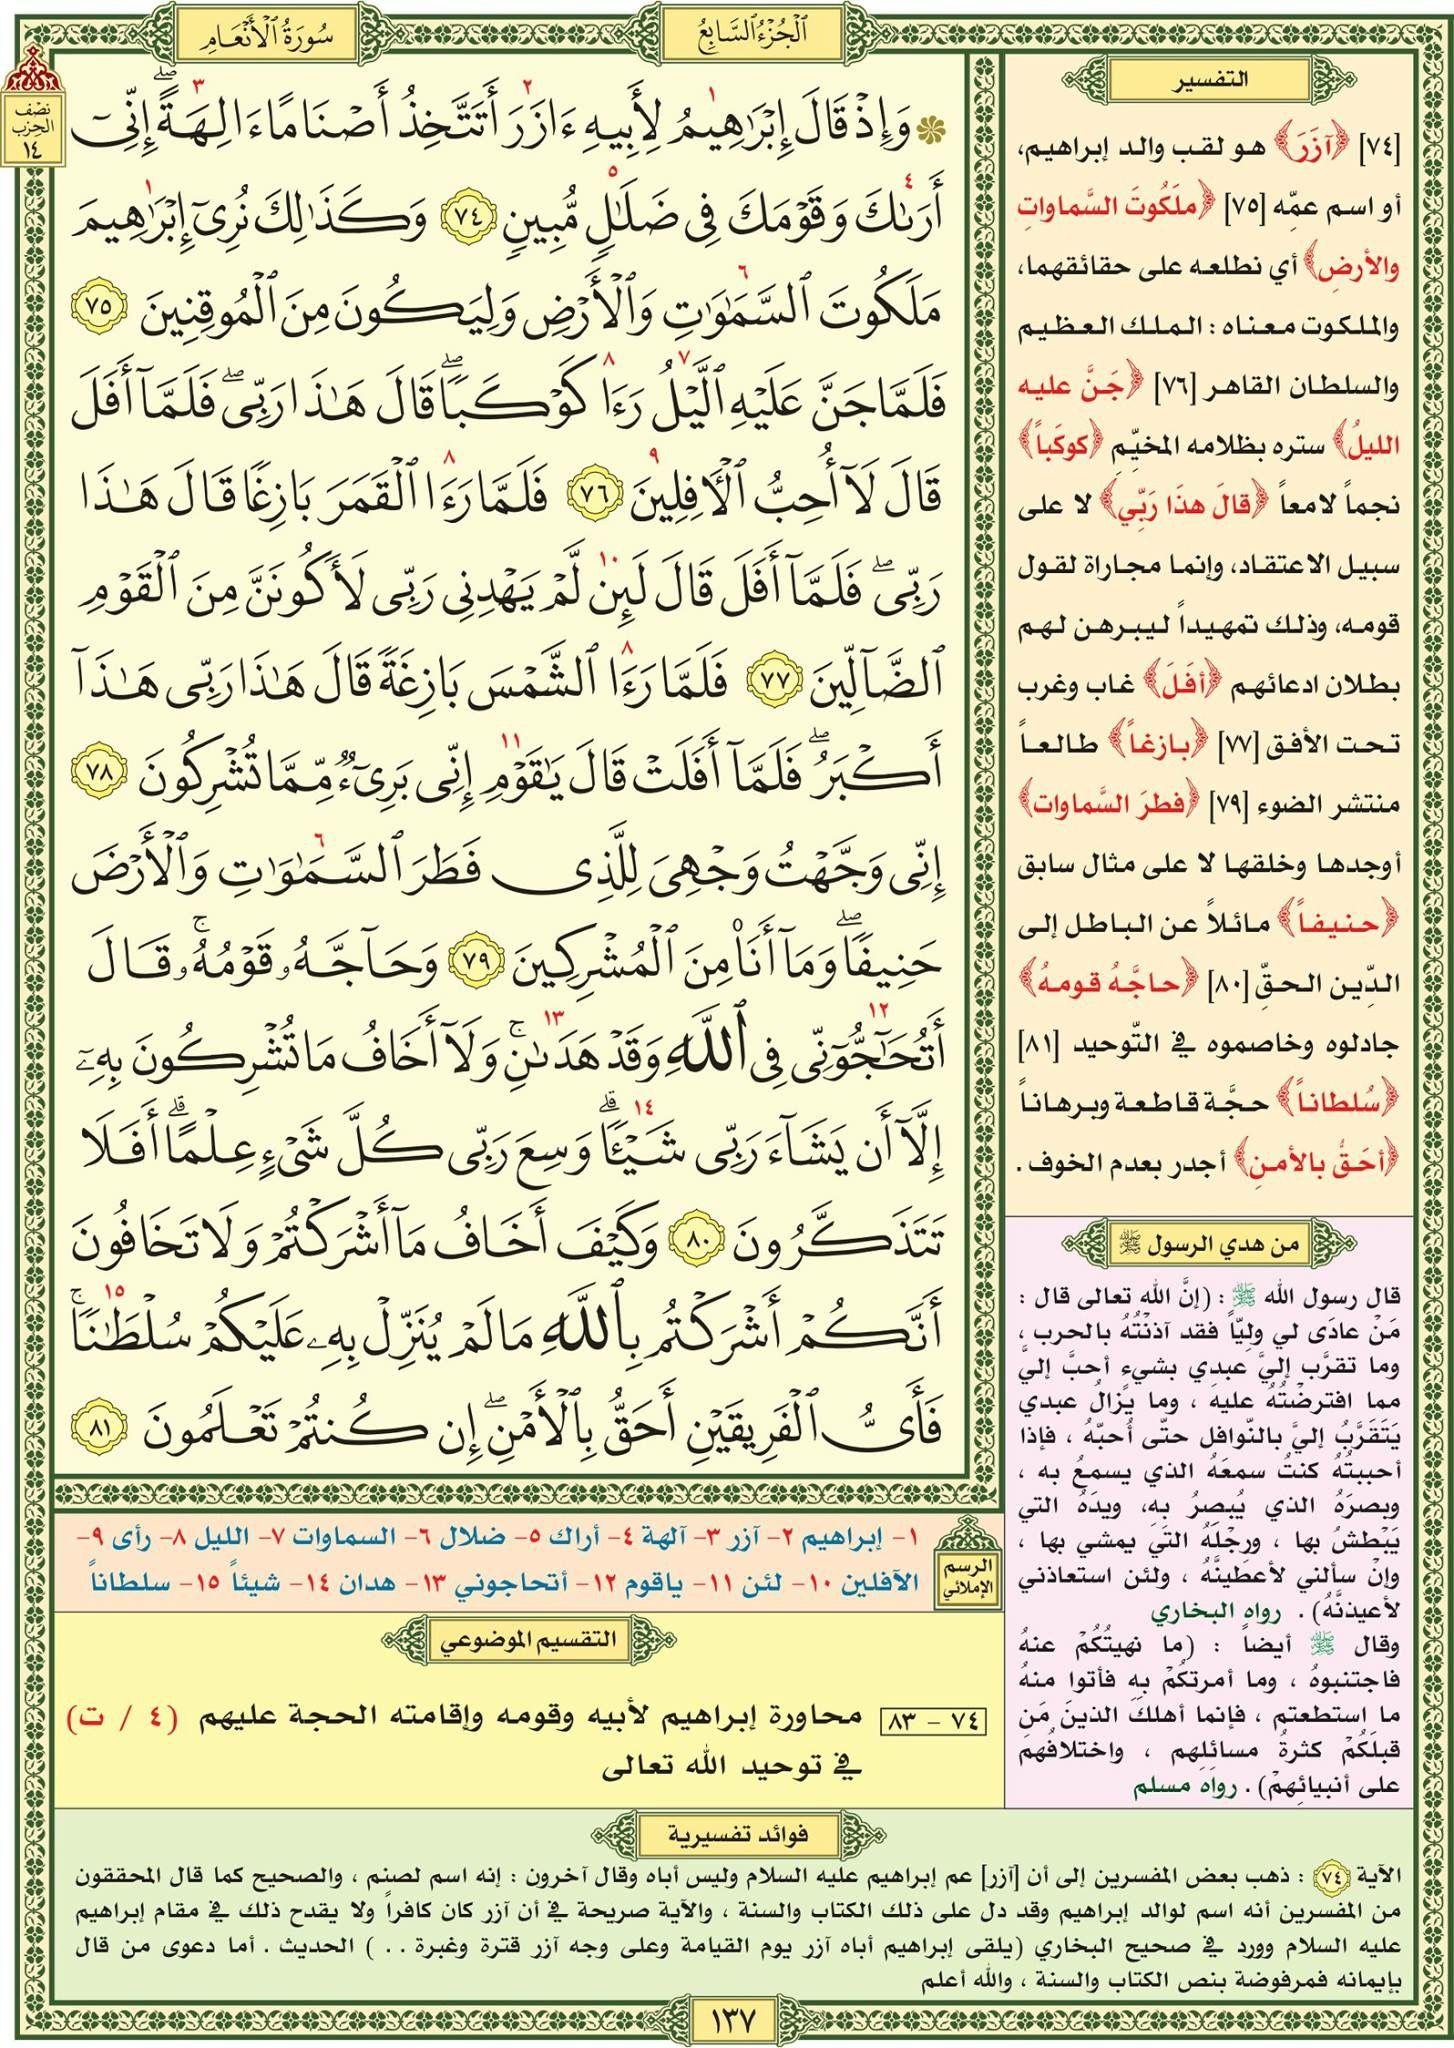 سورة الأنعام صفحة ١٣٧ مصحف التقسيم الموضوعي للحافظ المتقن Quran Verses Quran Book Holy Quran Book